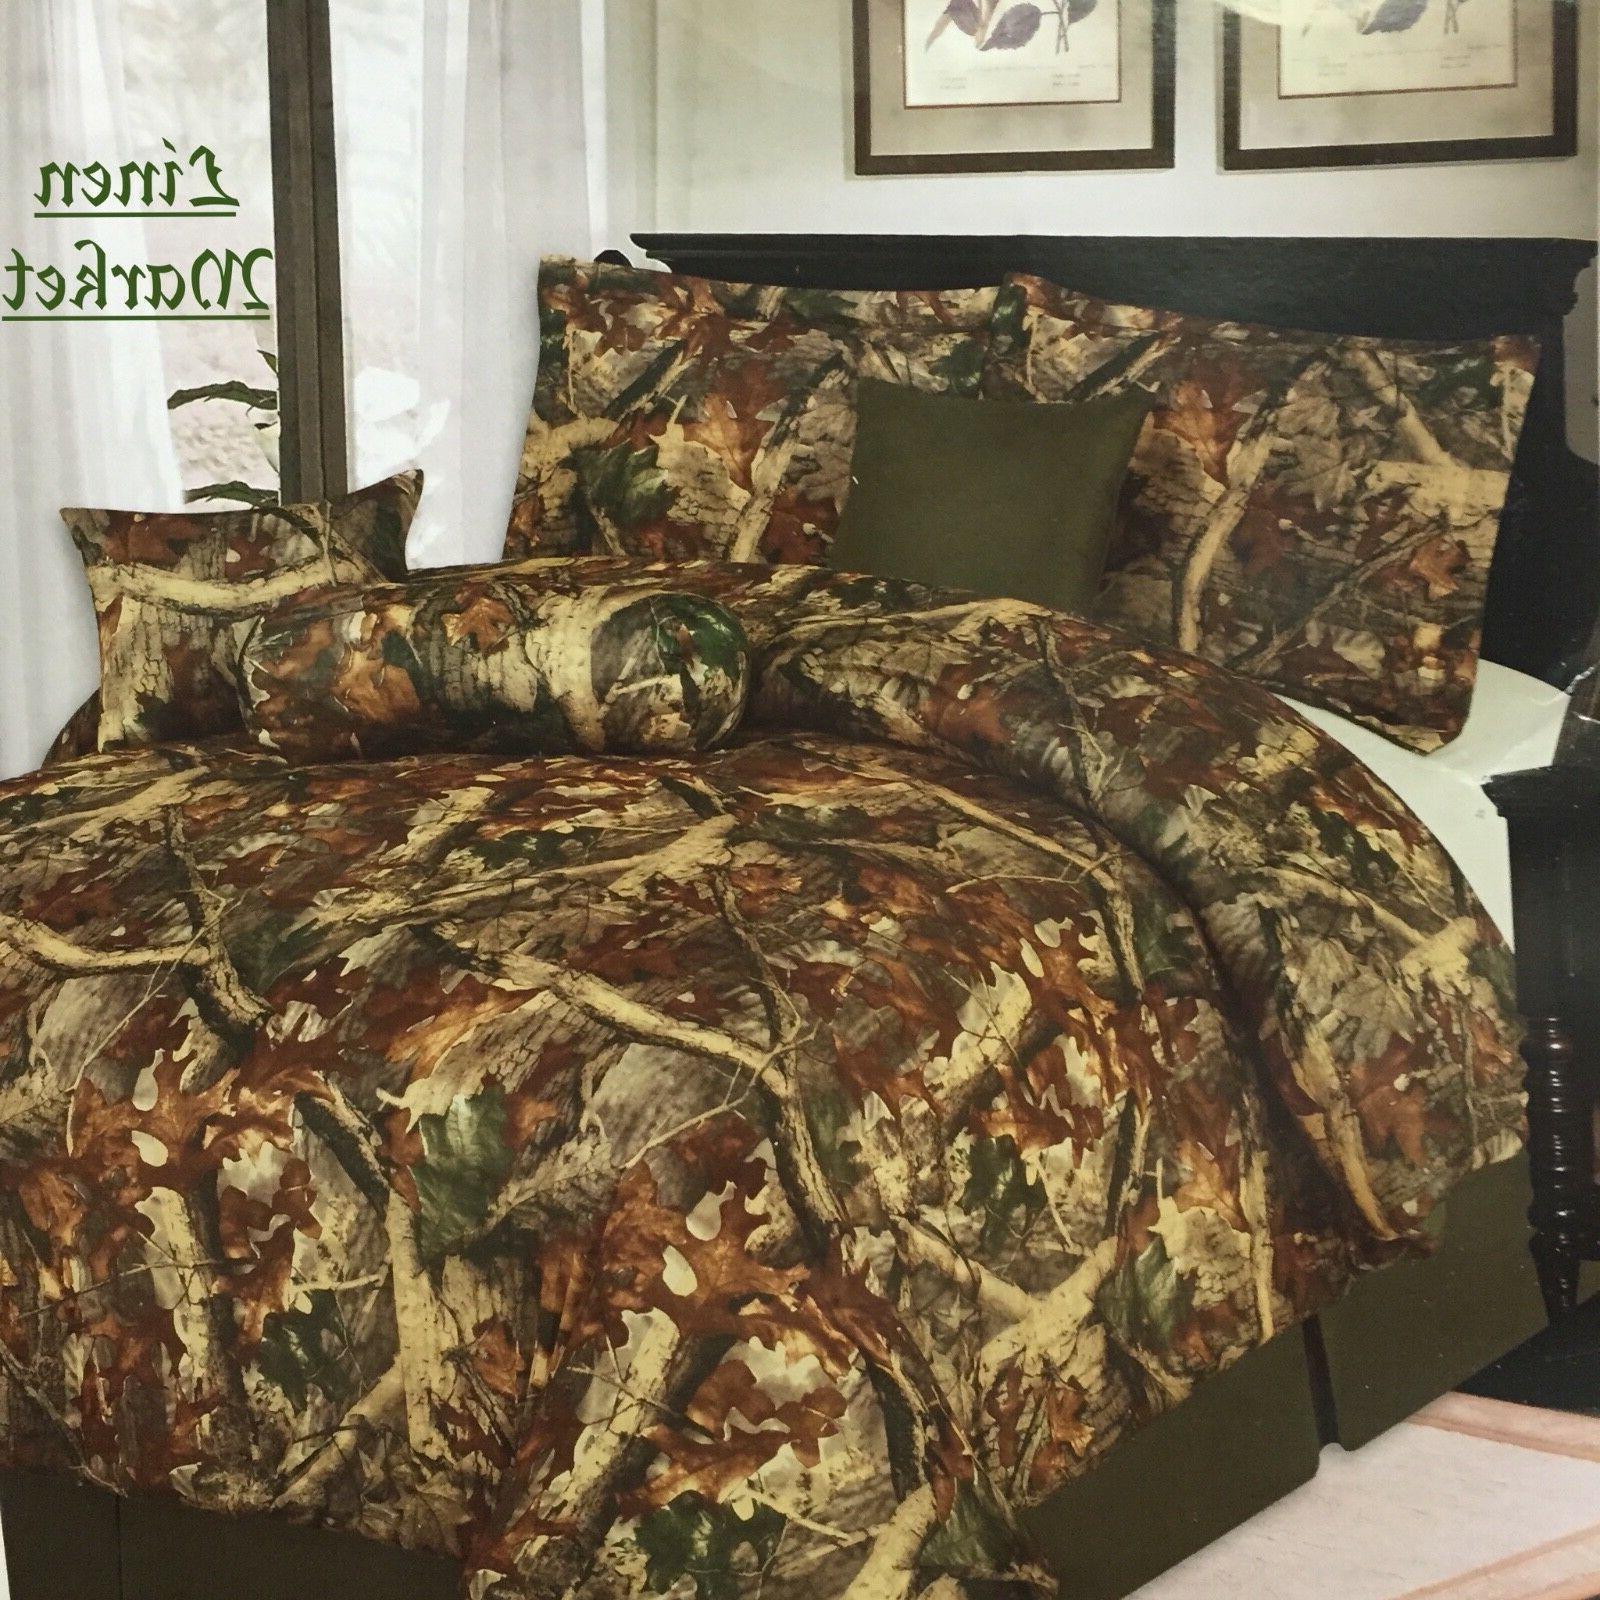 Luxury Camouflage Comforter Bedroom Set - 7 Piece Set